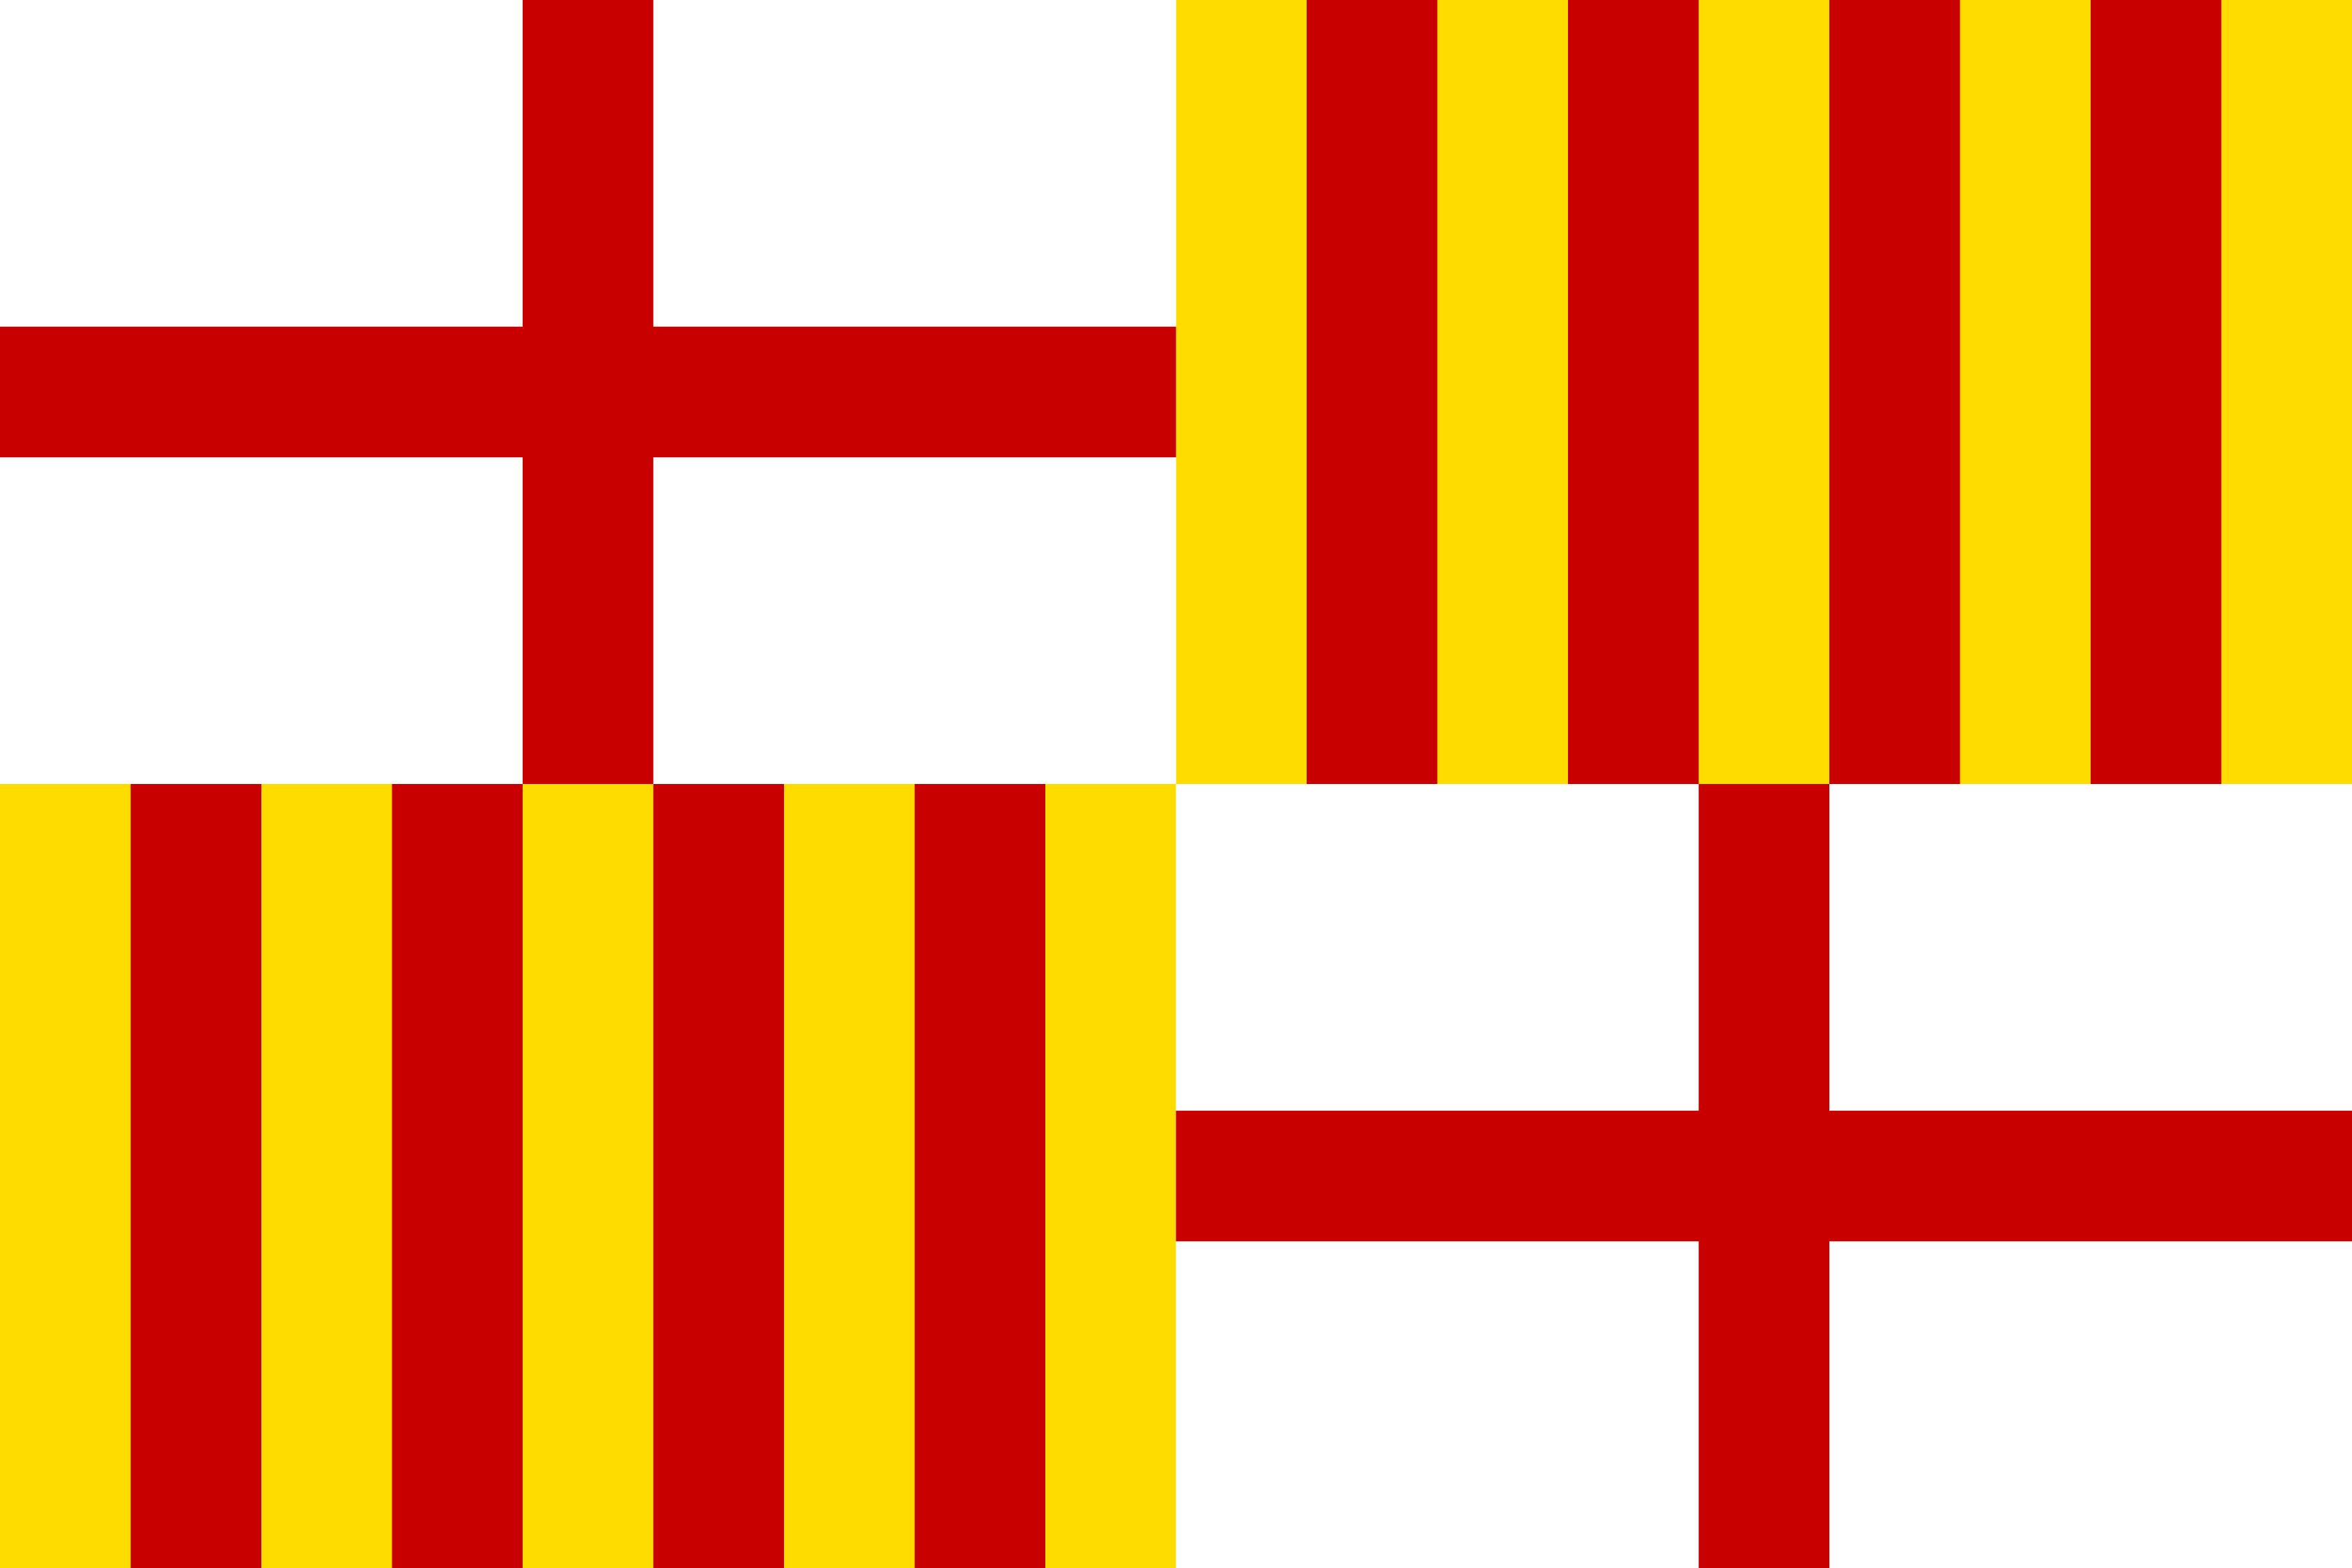 C'est le drapeau de la ville de Barcelone